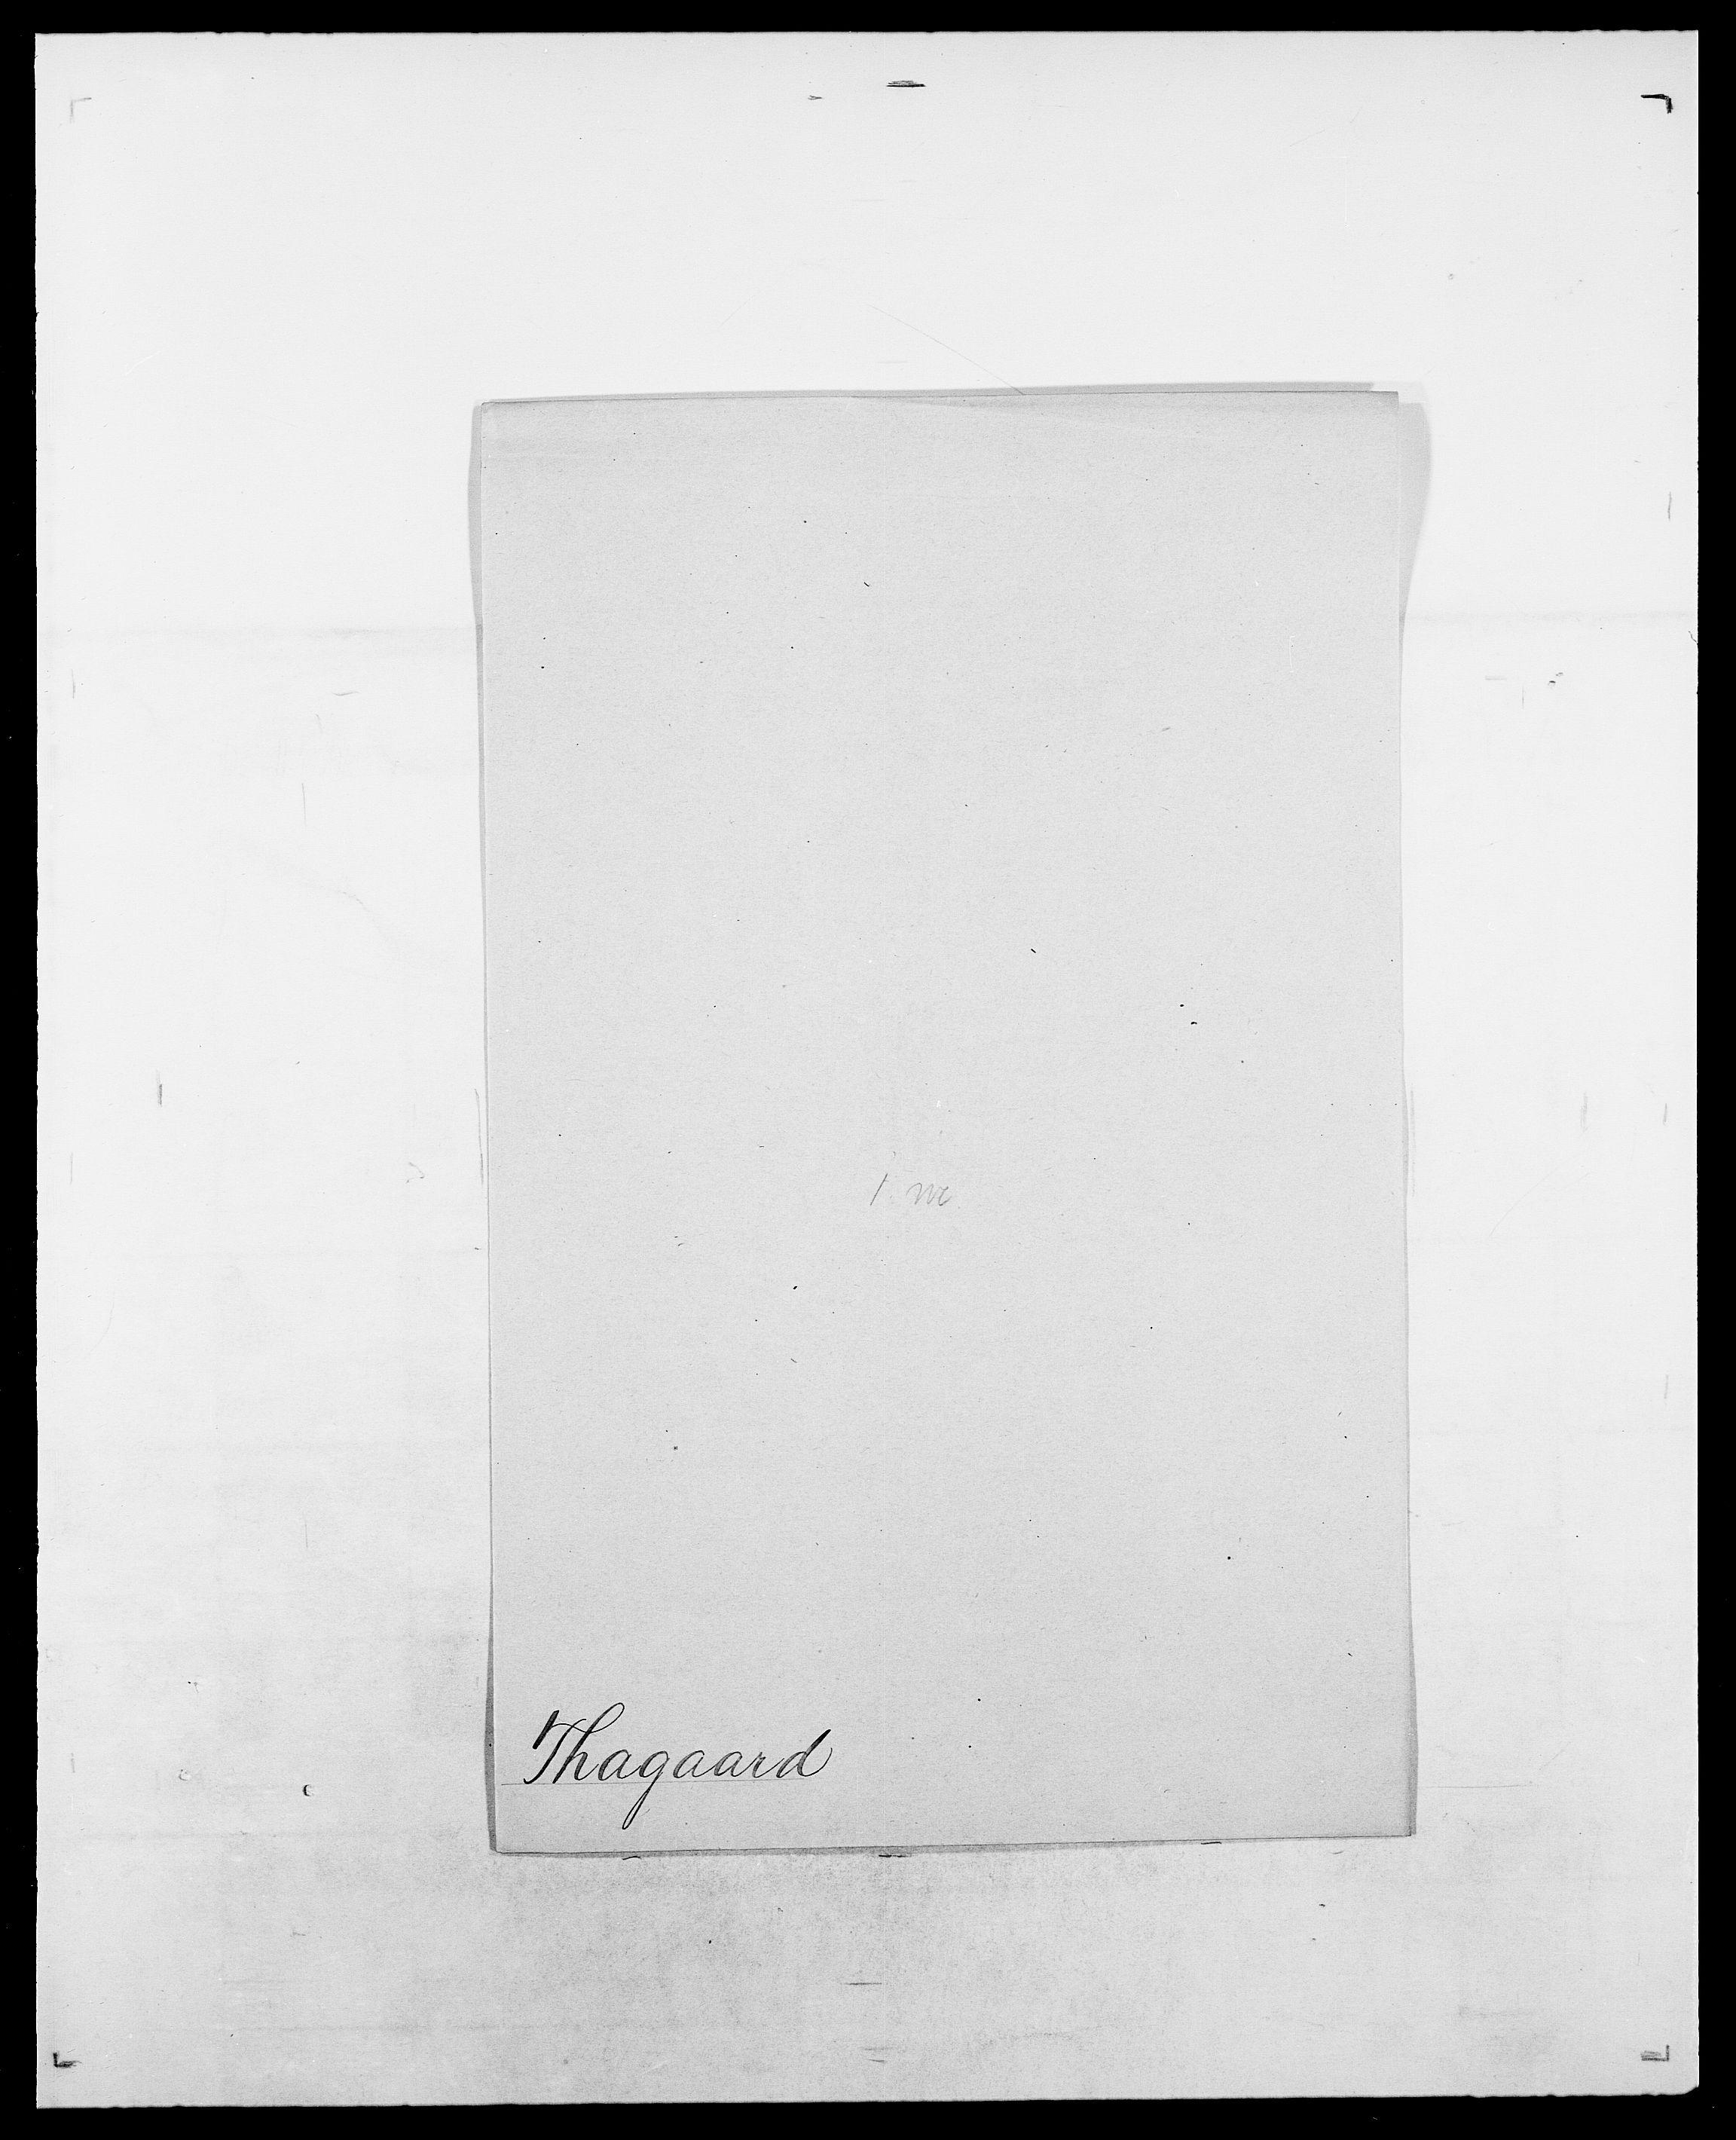 SAO, Delgobe, Charles Antoine - samling, D/Da/L0038: Svanenskjold - Thornsohn, s. 433